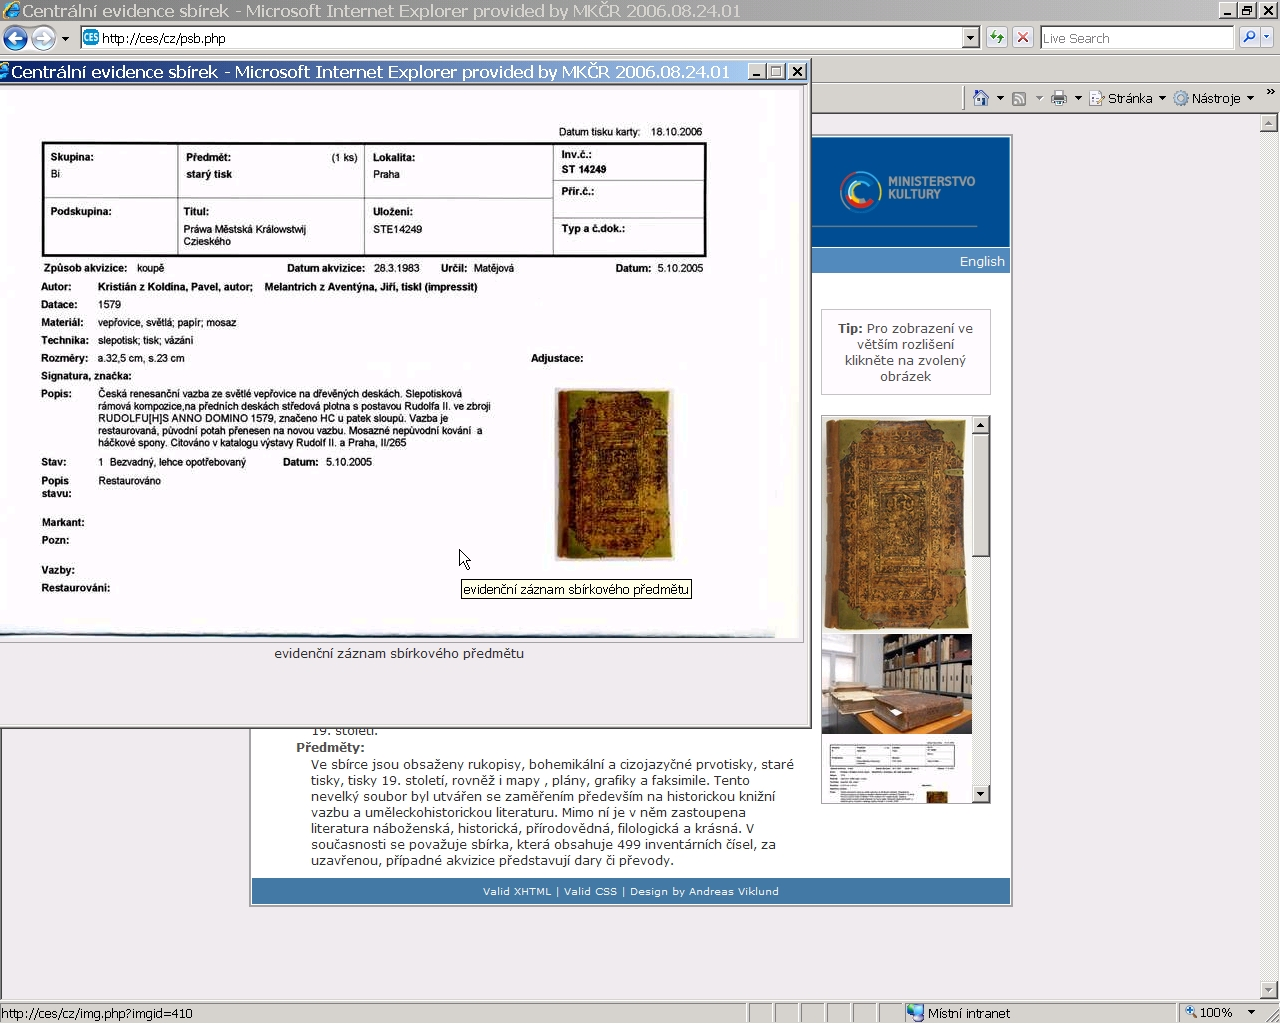 Obr. 8: Katalogový zápis na kartě konkrétního předmětu z Moravské galerie v Brně